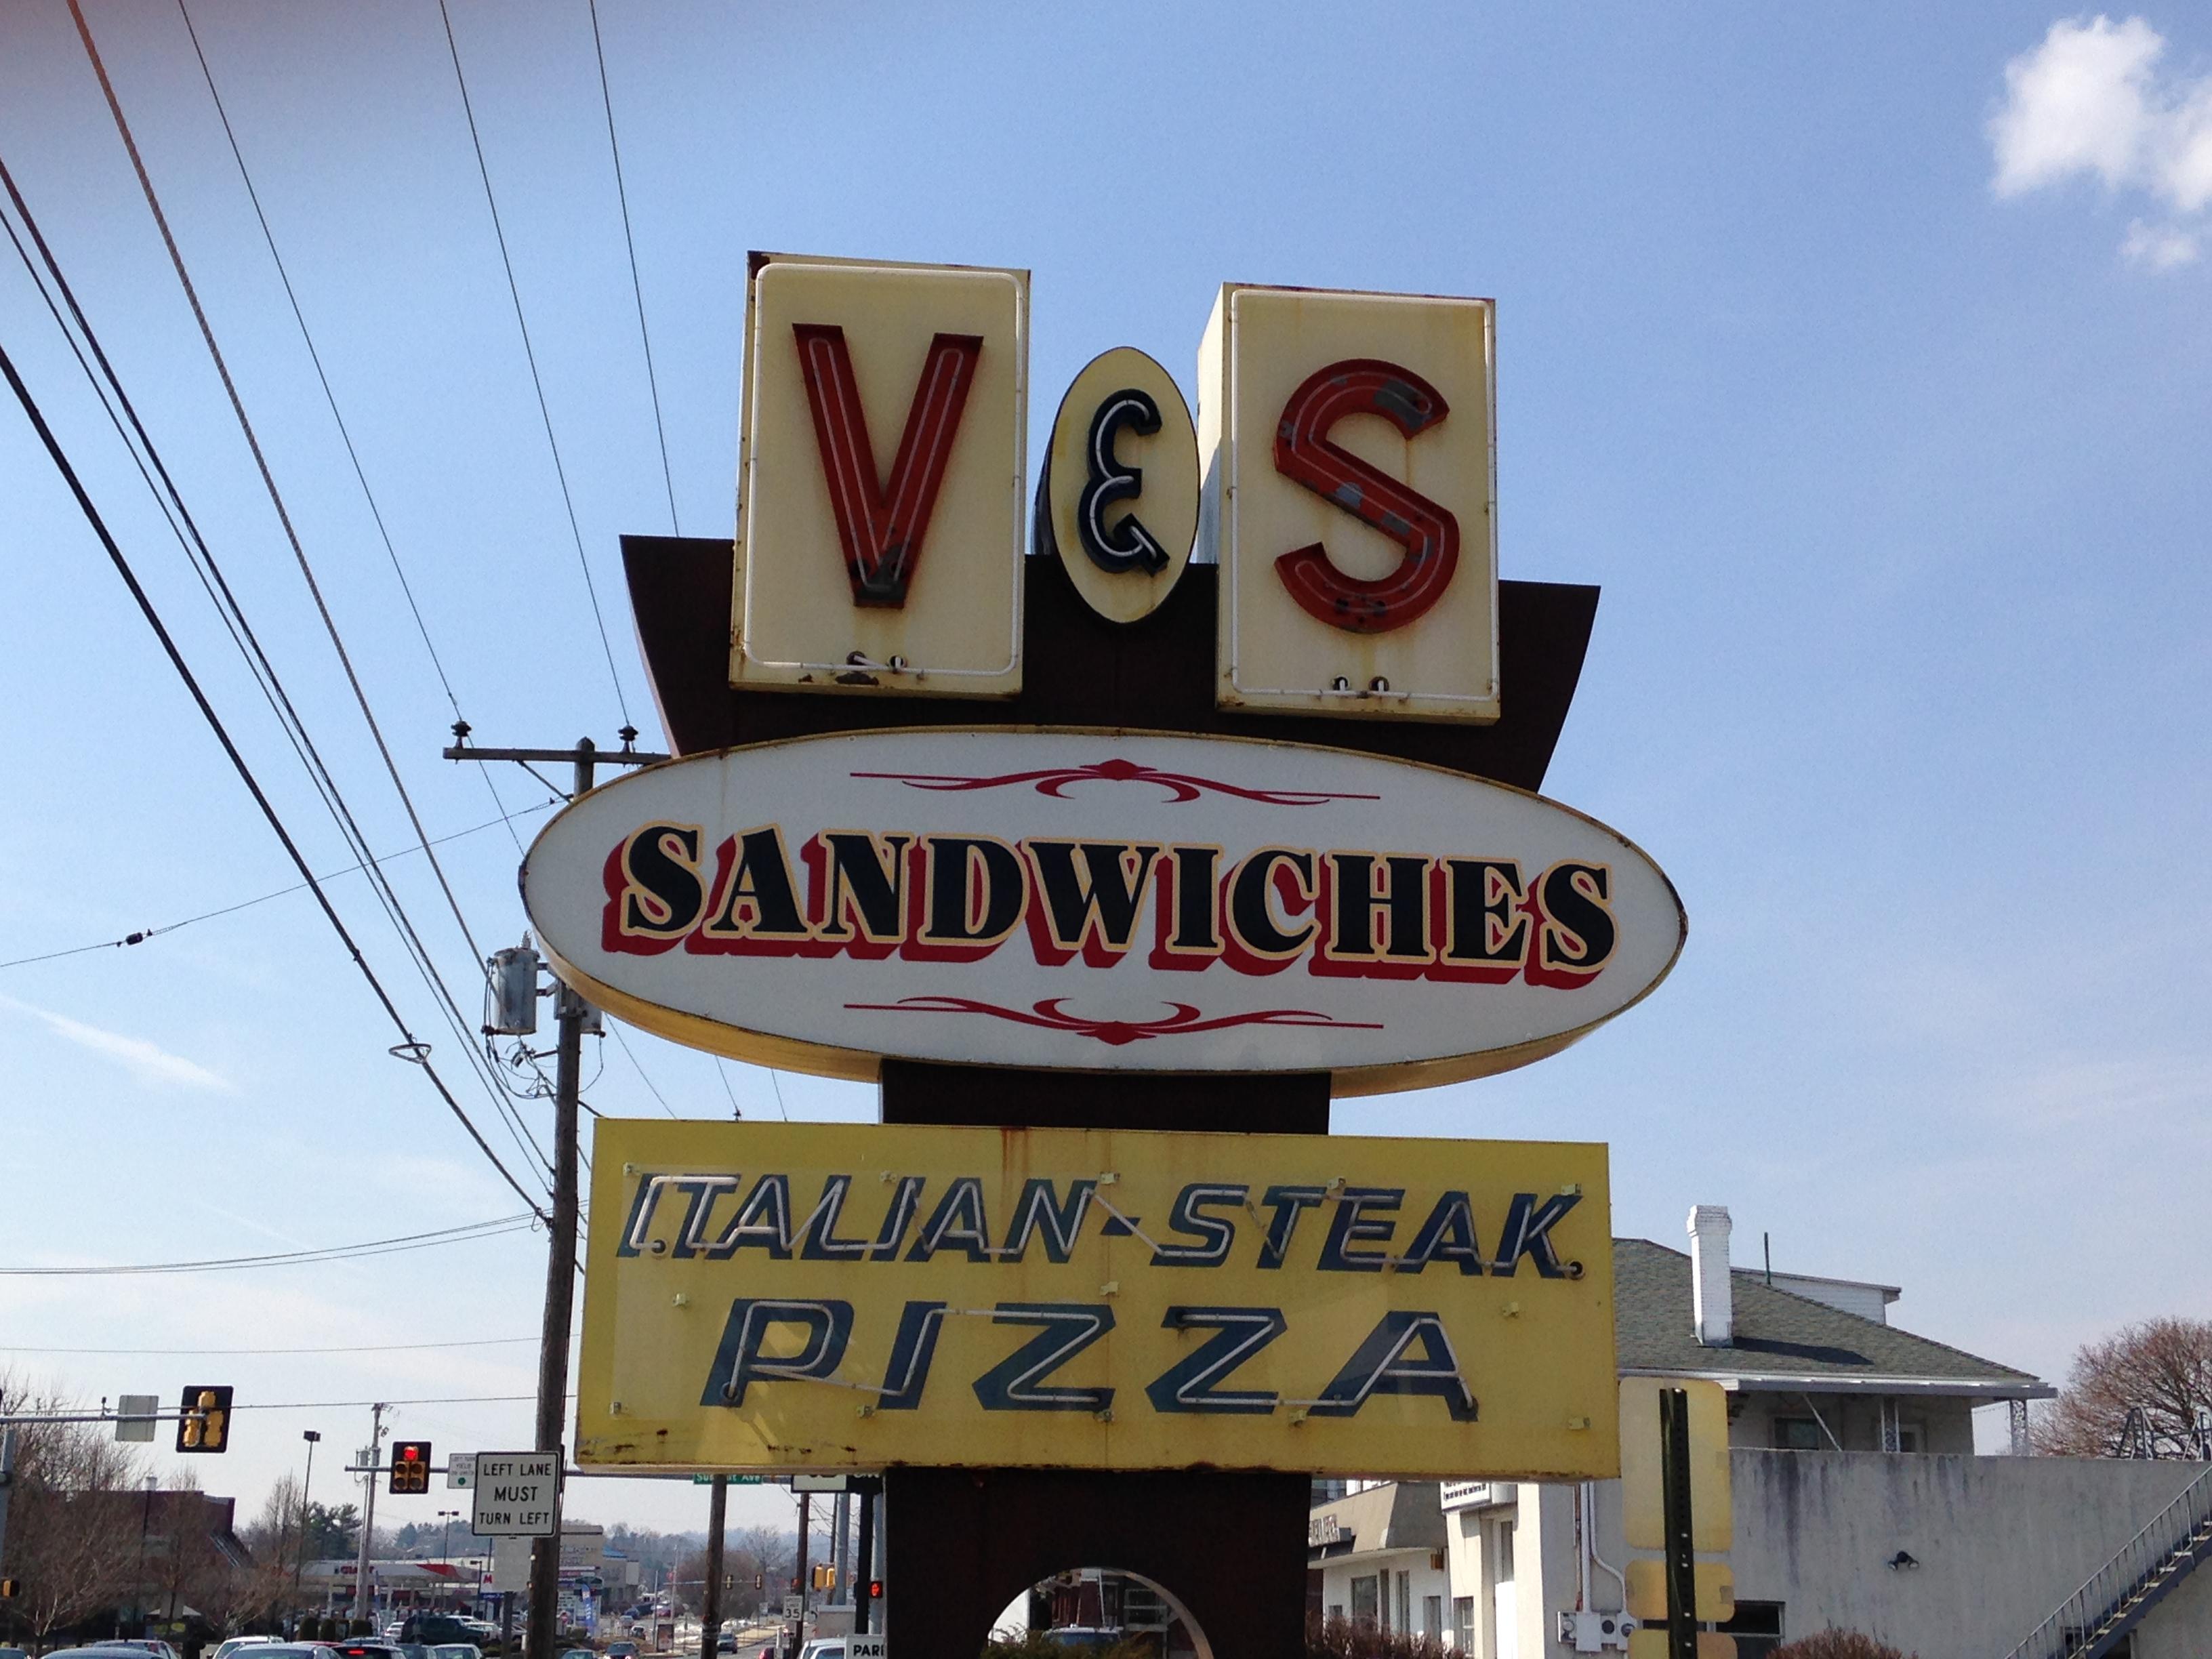 V&S Sandwiches